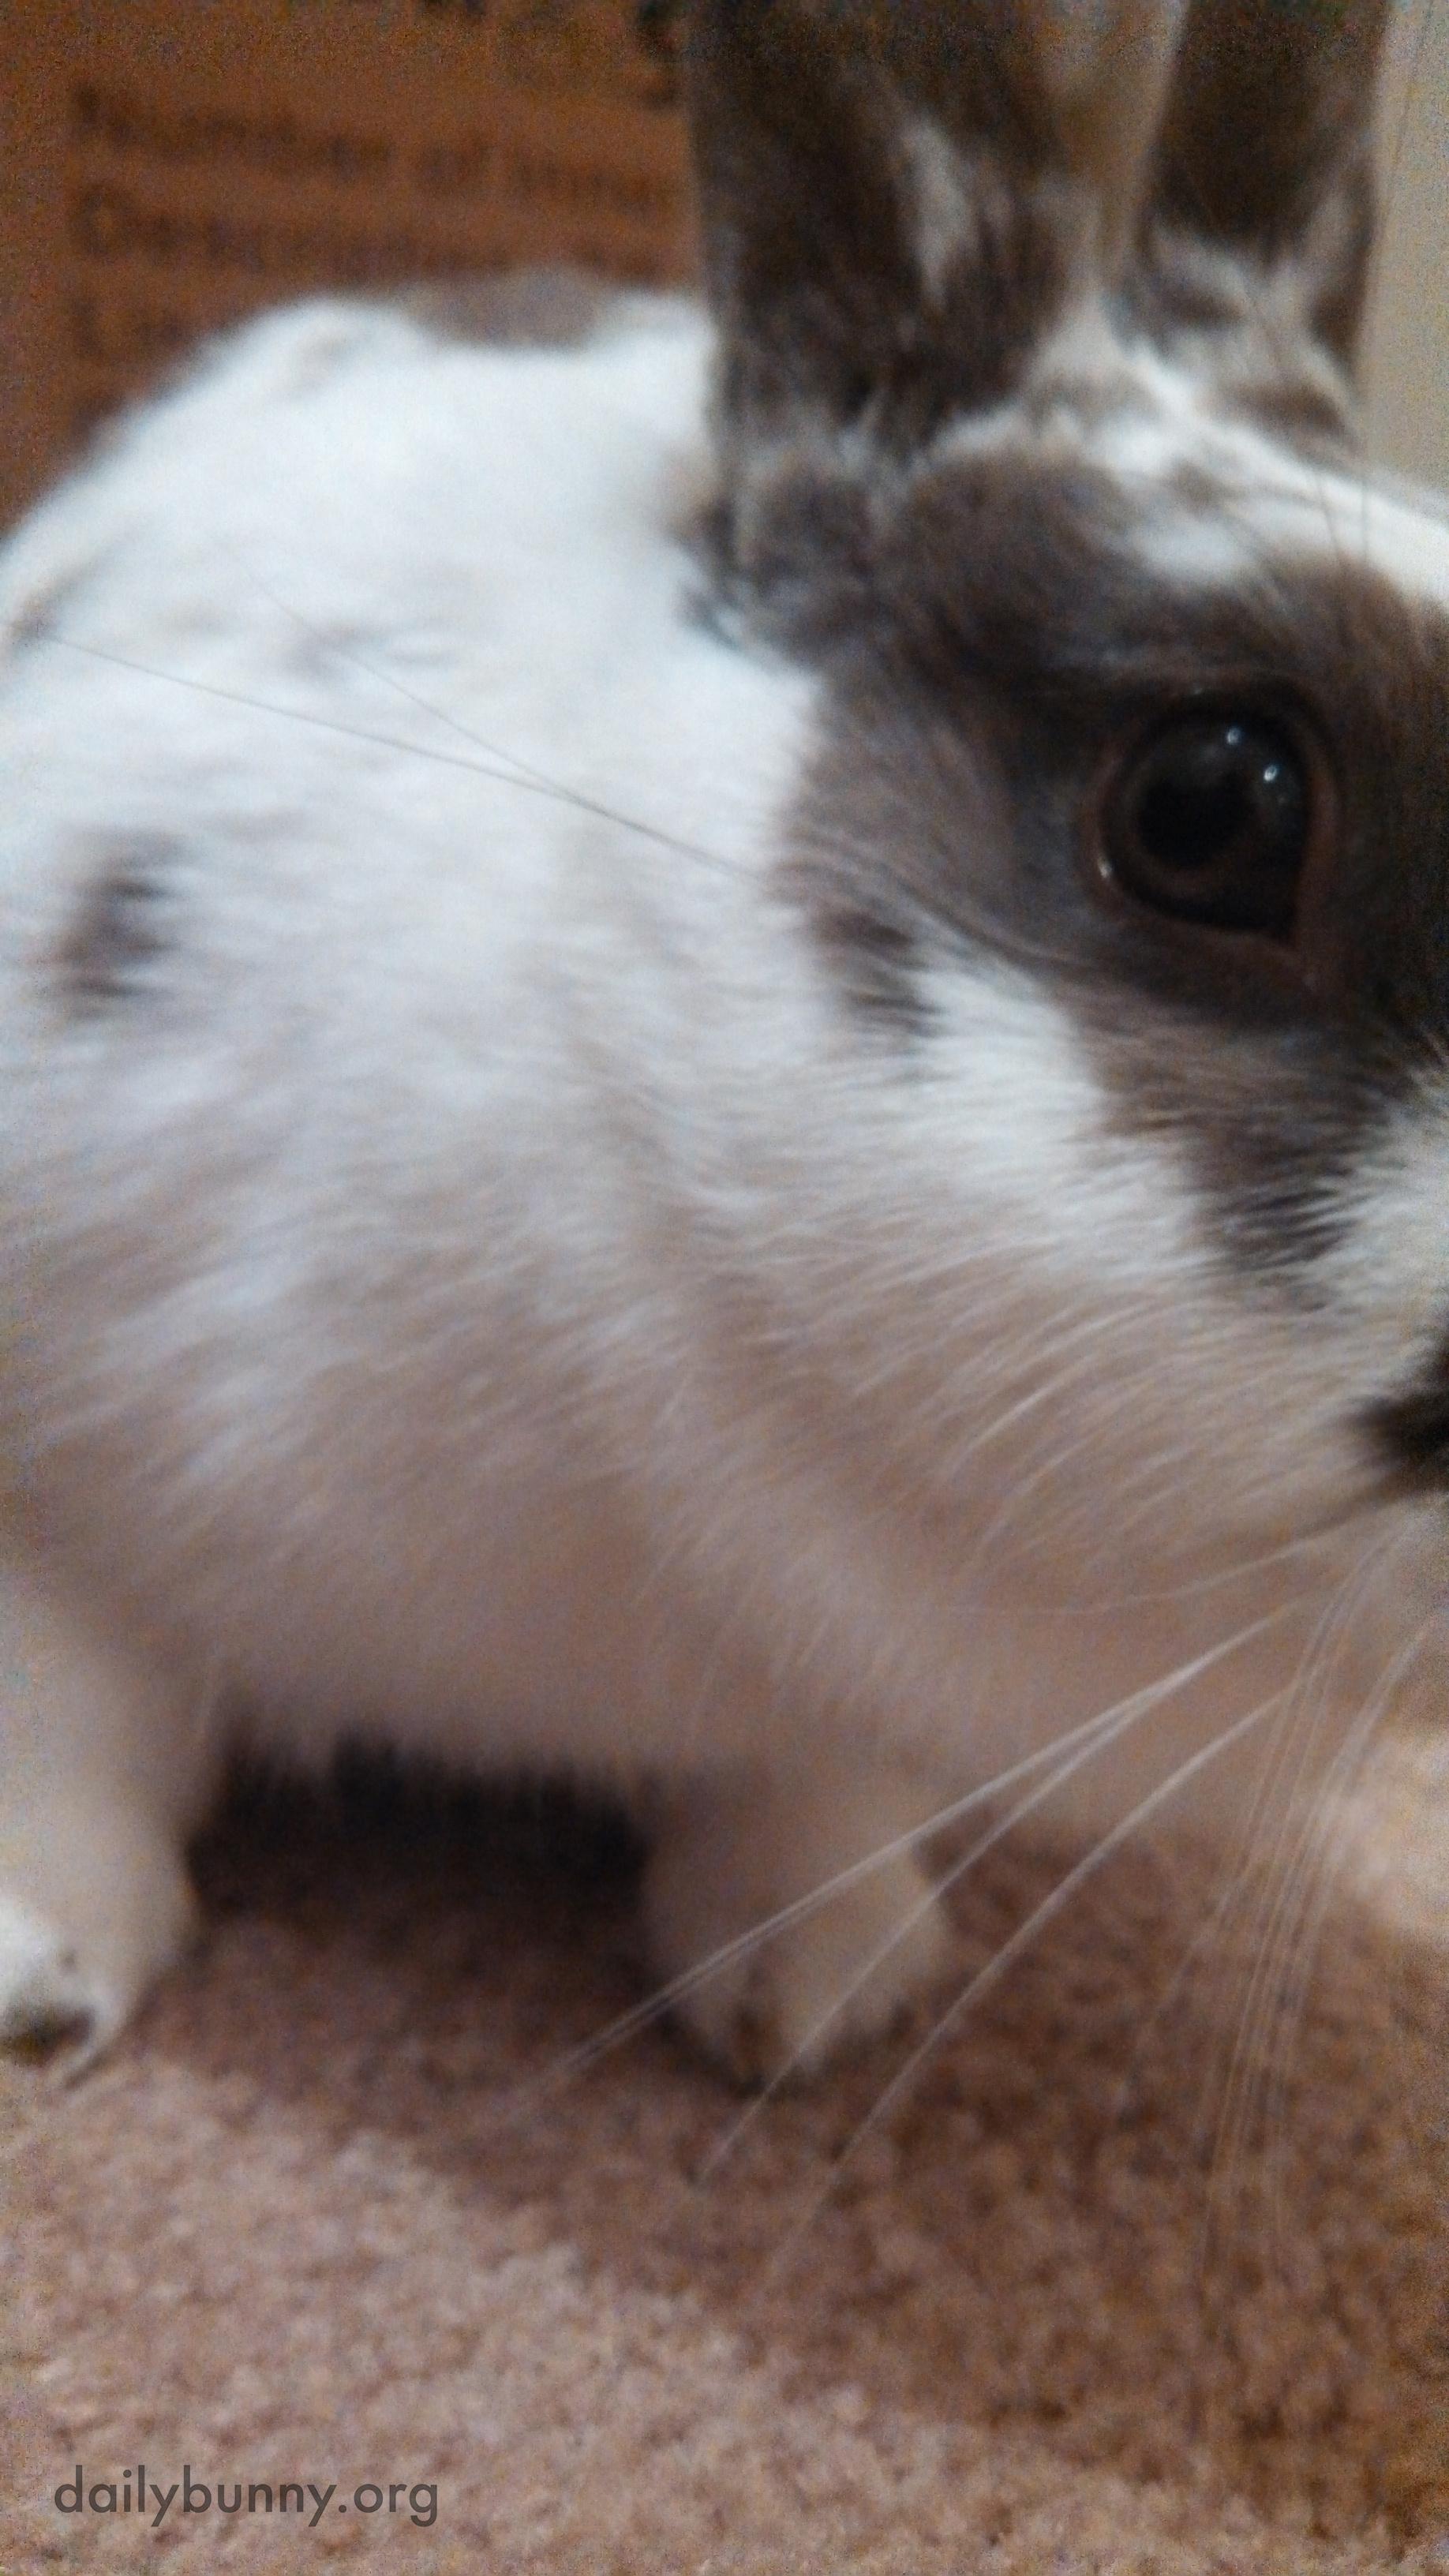 Bunny Has Had Enough of These Photos Already 3